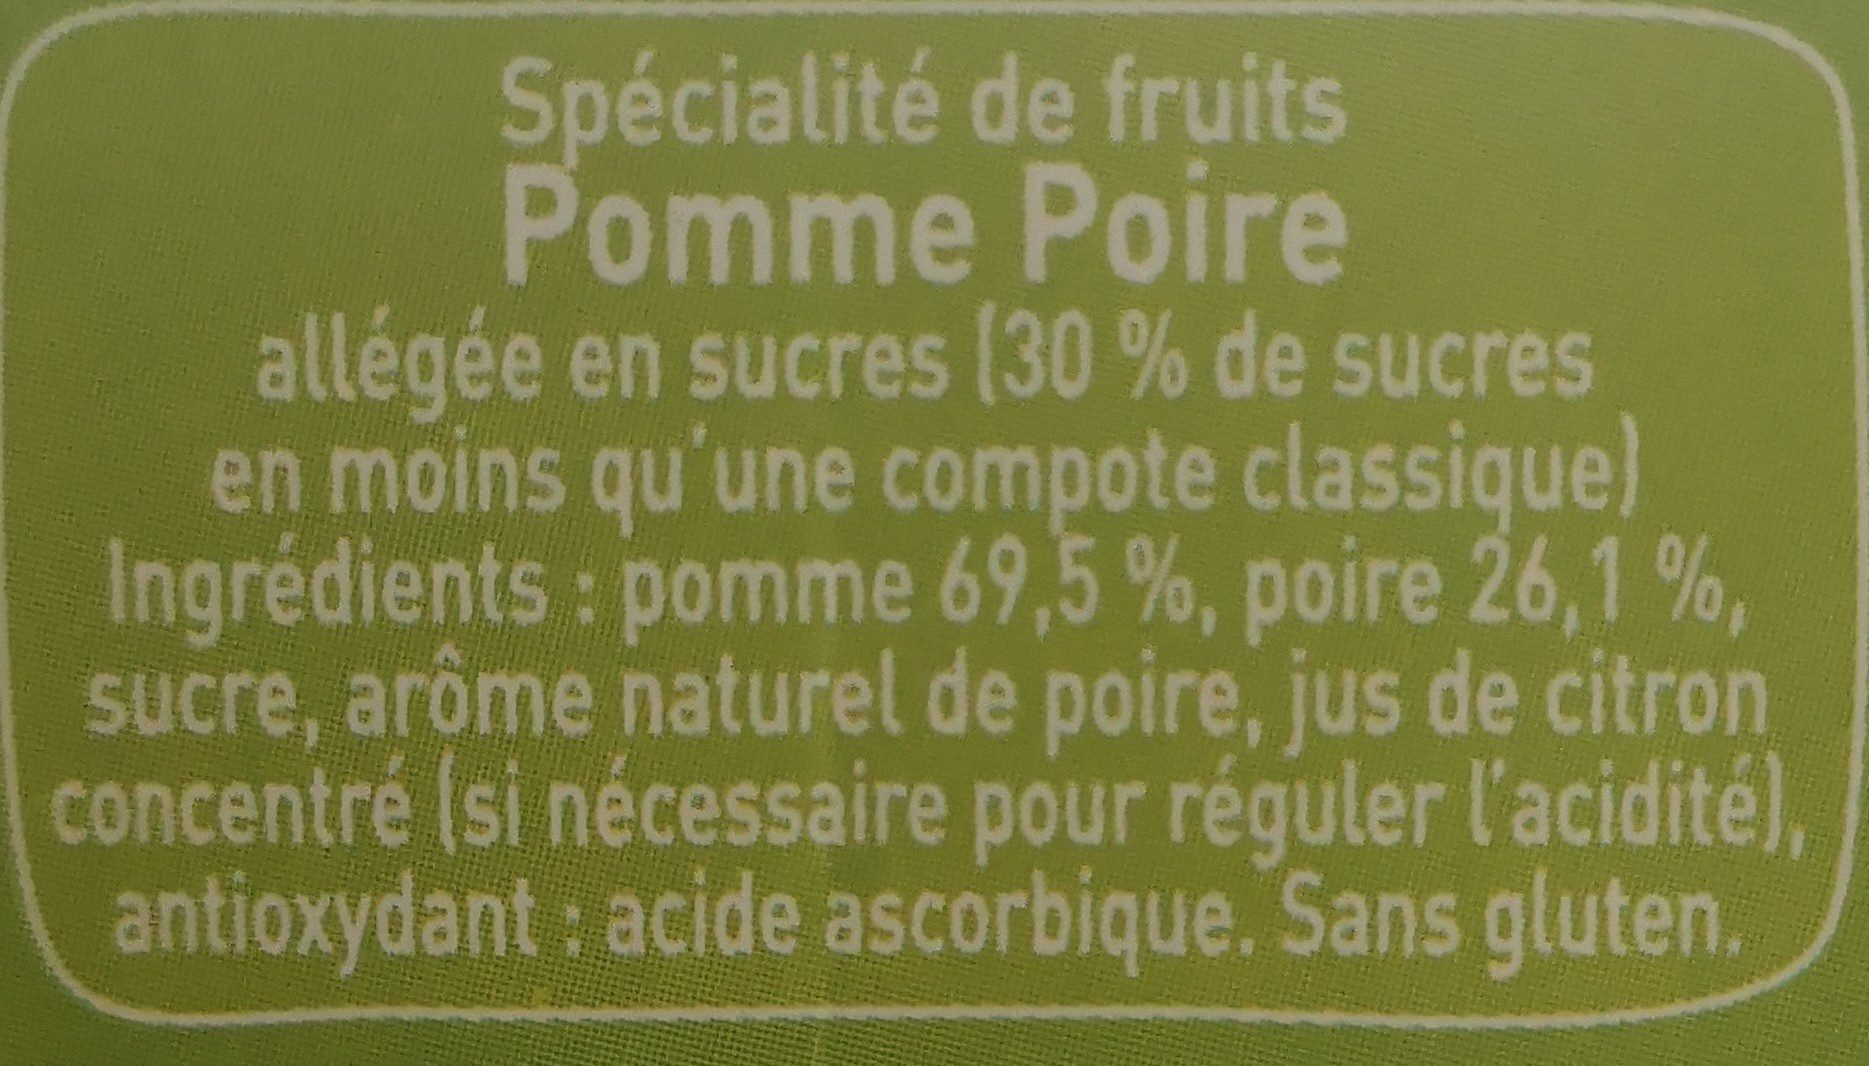 Pom'potes pomme poire - Ingrediënten